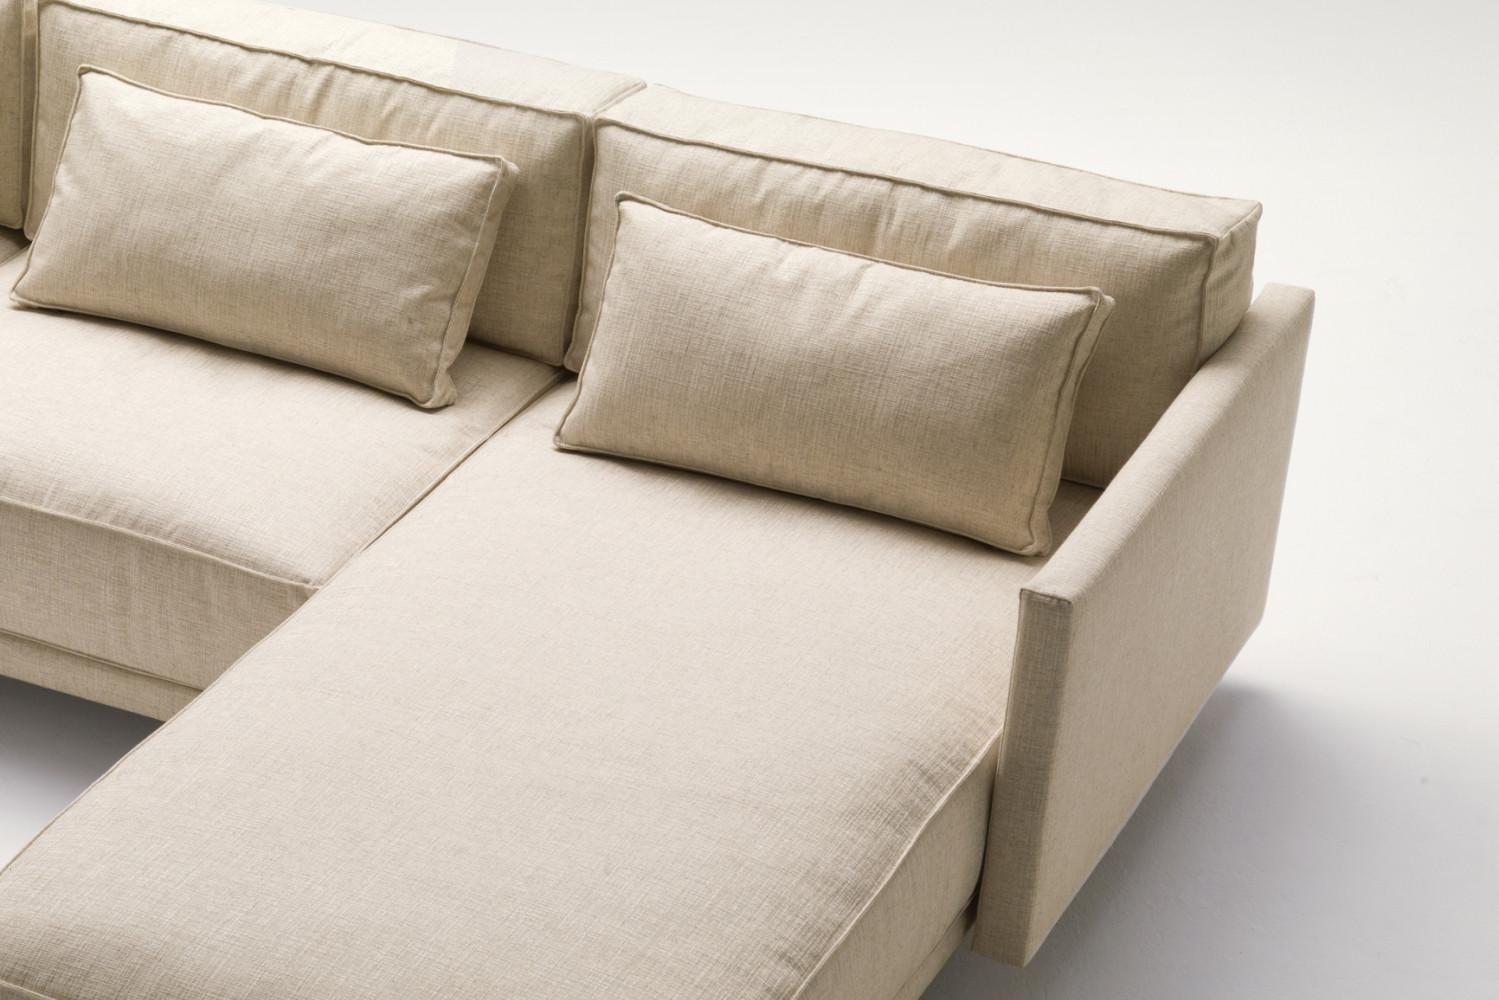 Cuscini di schienale per divano in piuma dennis - Cuscini divano on line ...